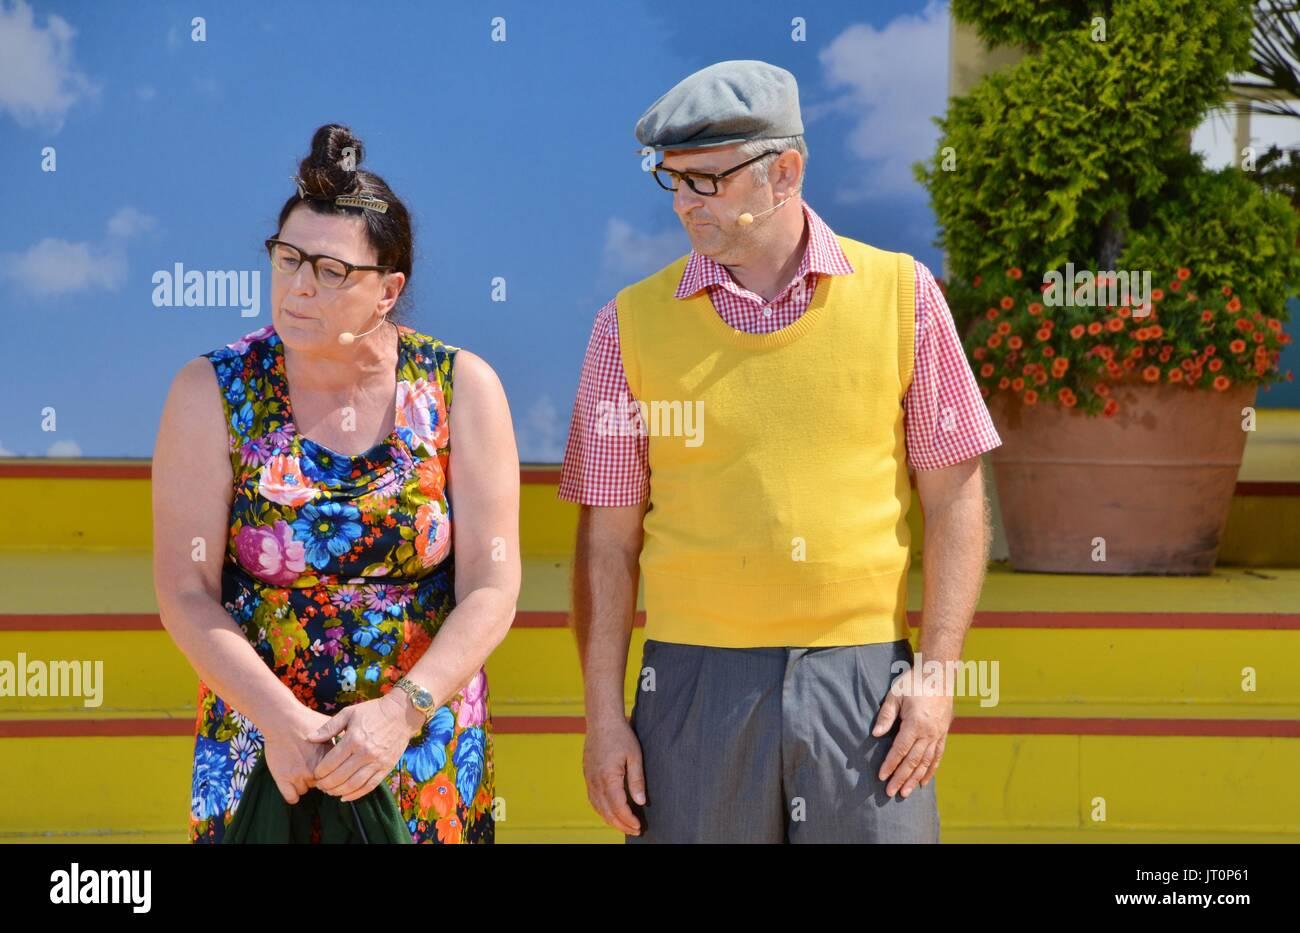 """Rust, German , 06th August, 2017, Das Erste ARD TV Show """"Immer wieder Sonntags"""" Featuring: Alois und Elsbeth Gscheidle Stock Photo"""